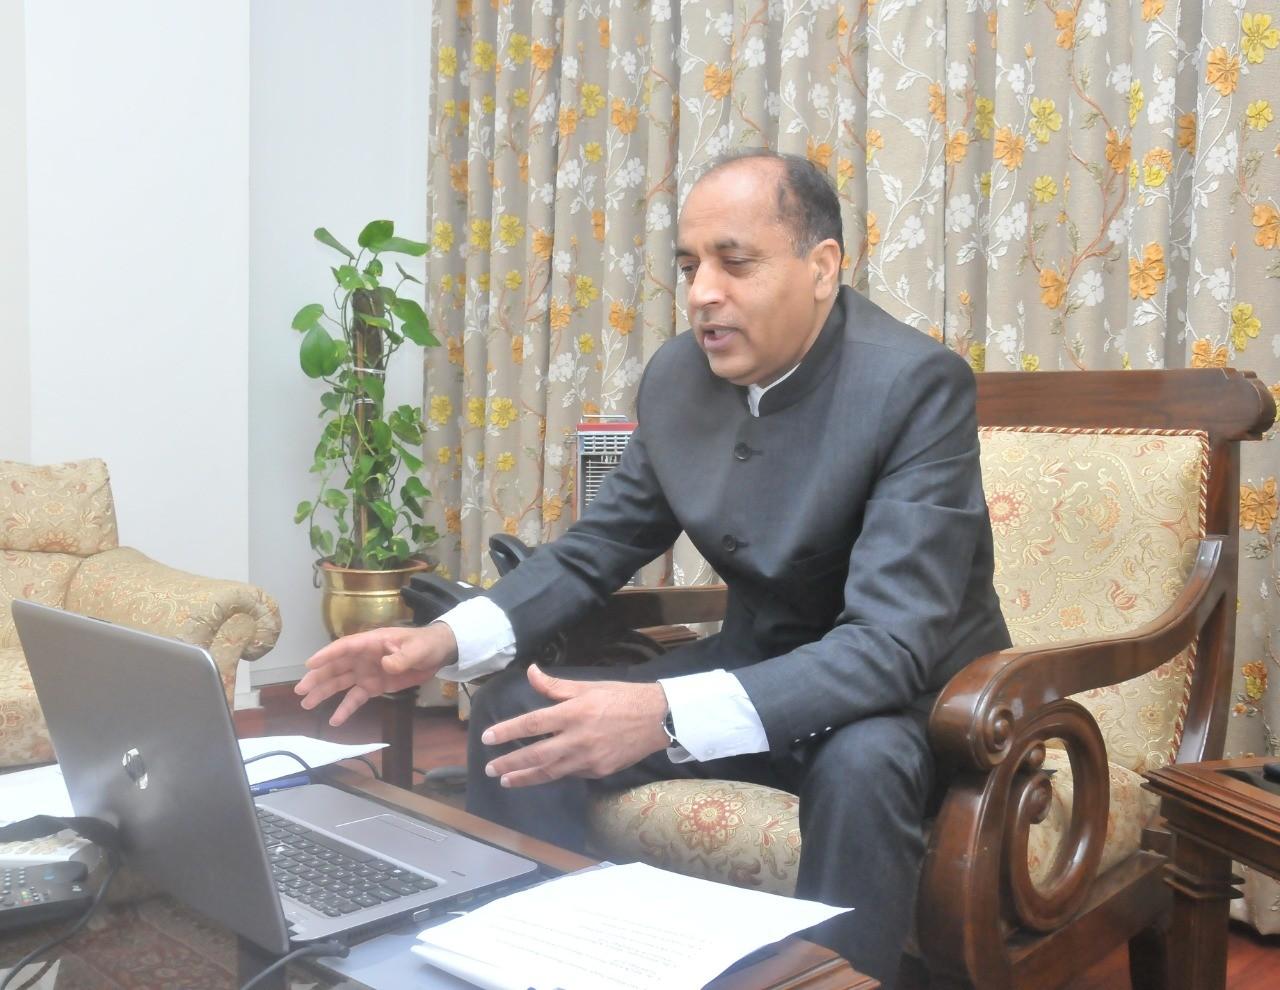 राज्य सरकार ने हिम स्टार्ट अप योजना के अन्तर्गत 10 करोड़ रुपये का उद्यम कोष स्थापित कियाः मुख्यमंत्री